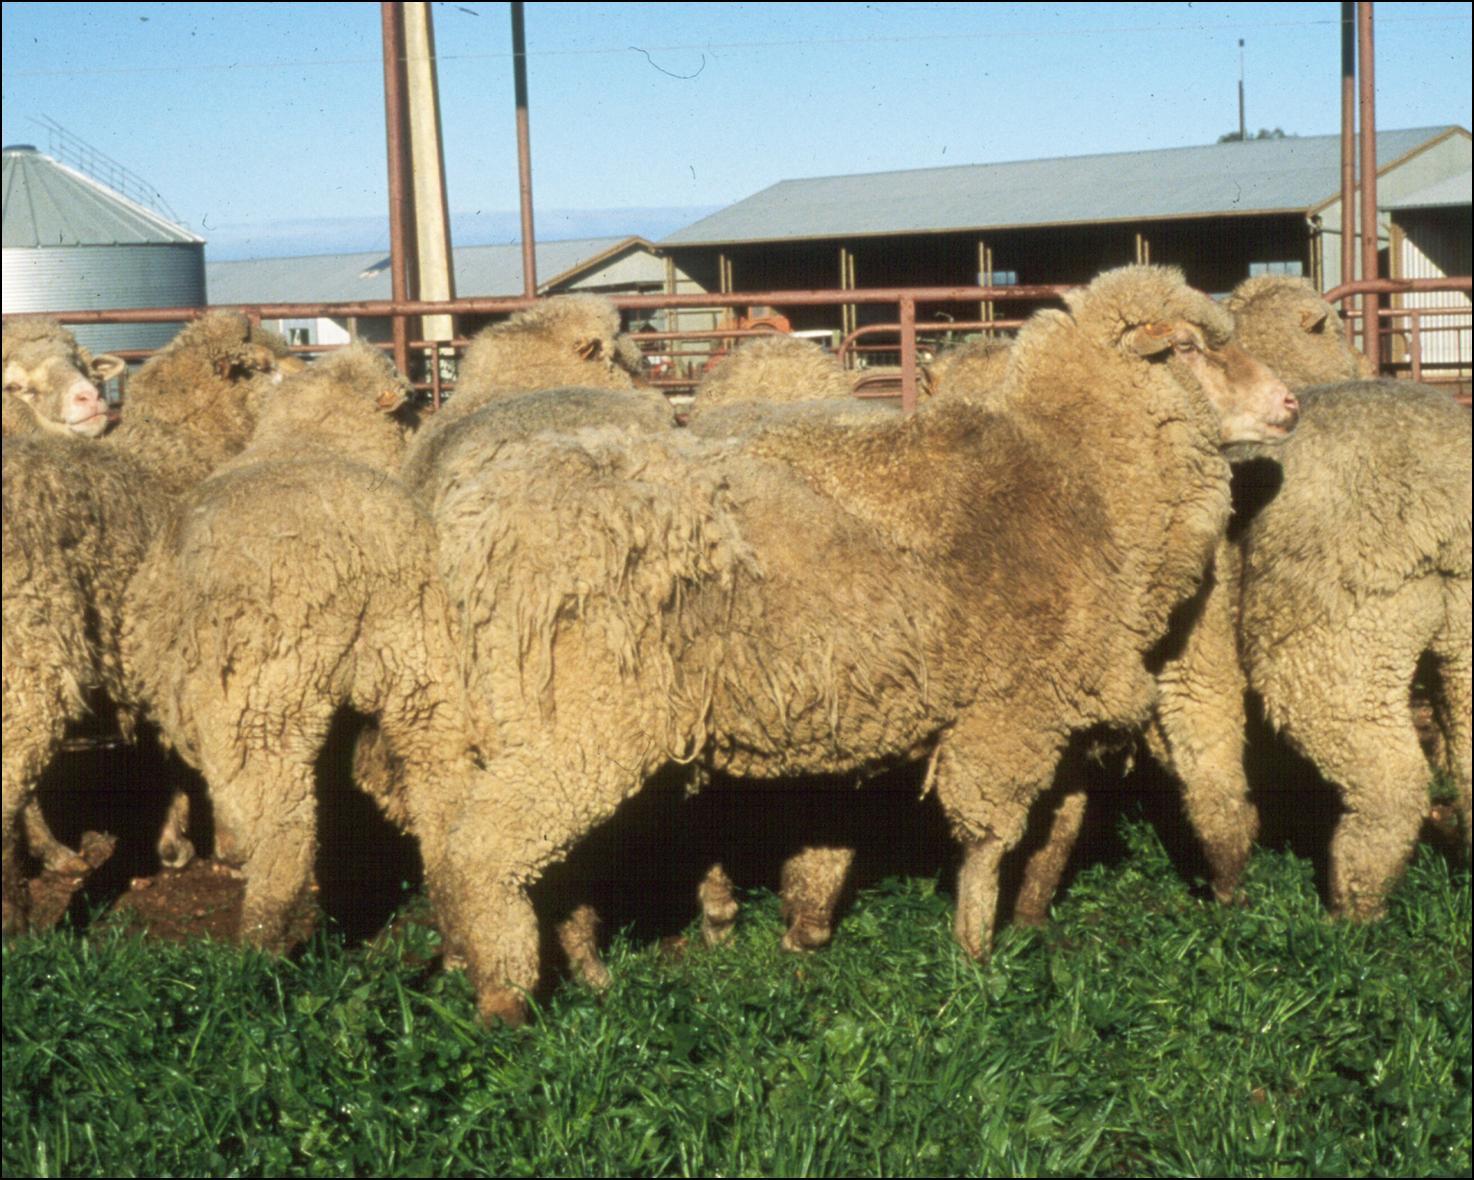 http://3.bp.blogspot.com/-OsQurYCku7U/TmBR1kt9XhI/AAAAAAAABco/5etZIw_jUms/s1600/sheep+with+lice.jpg